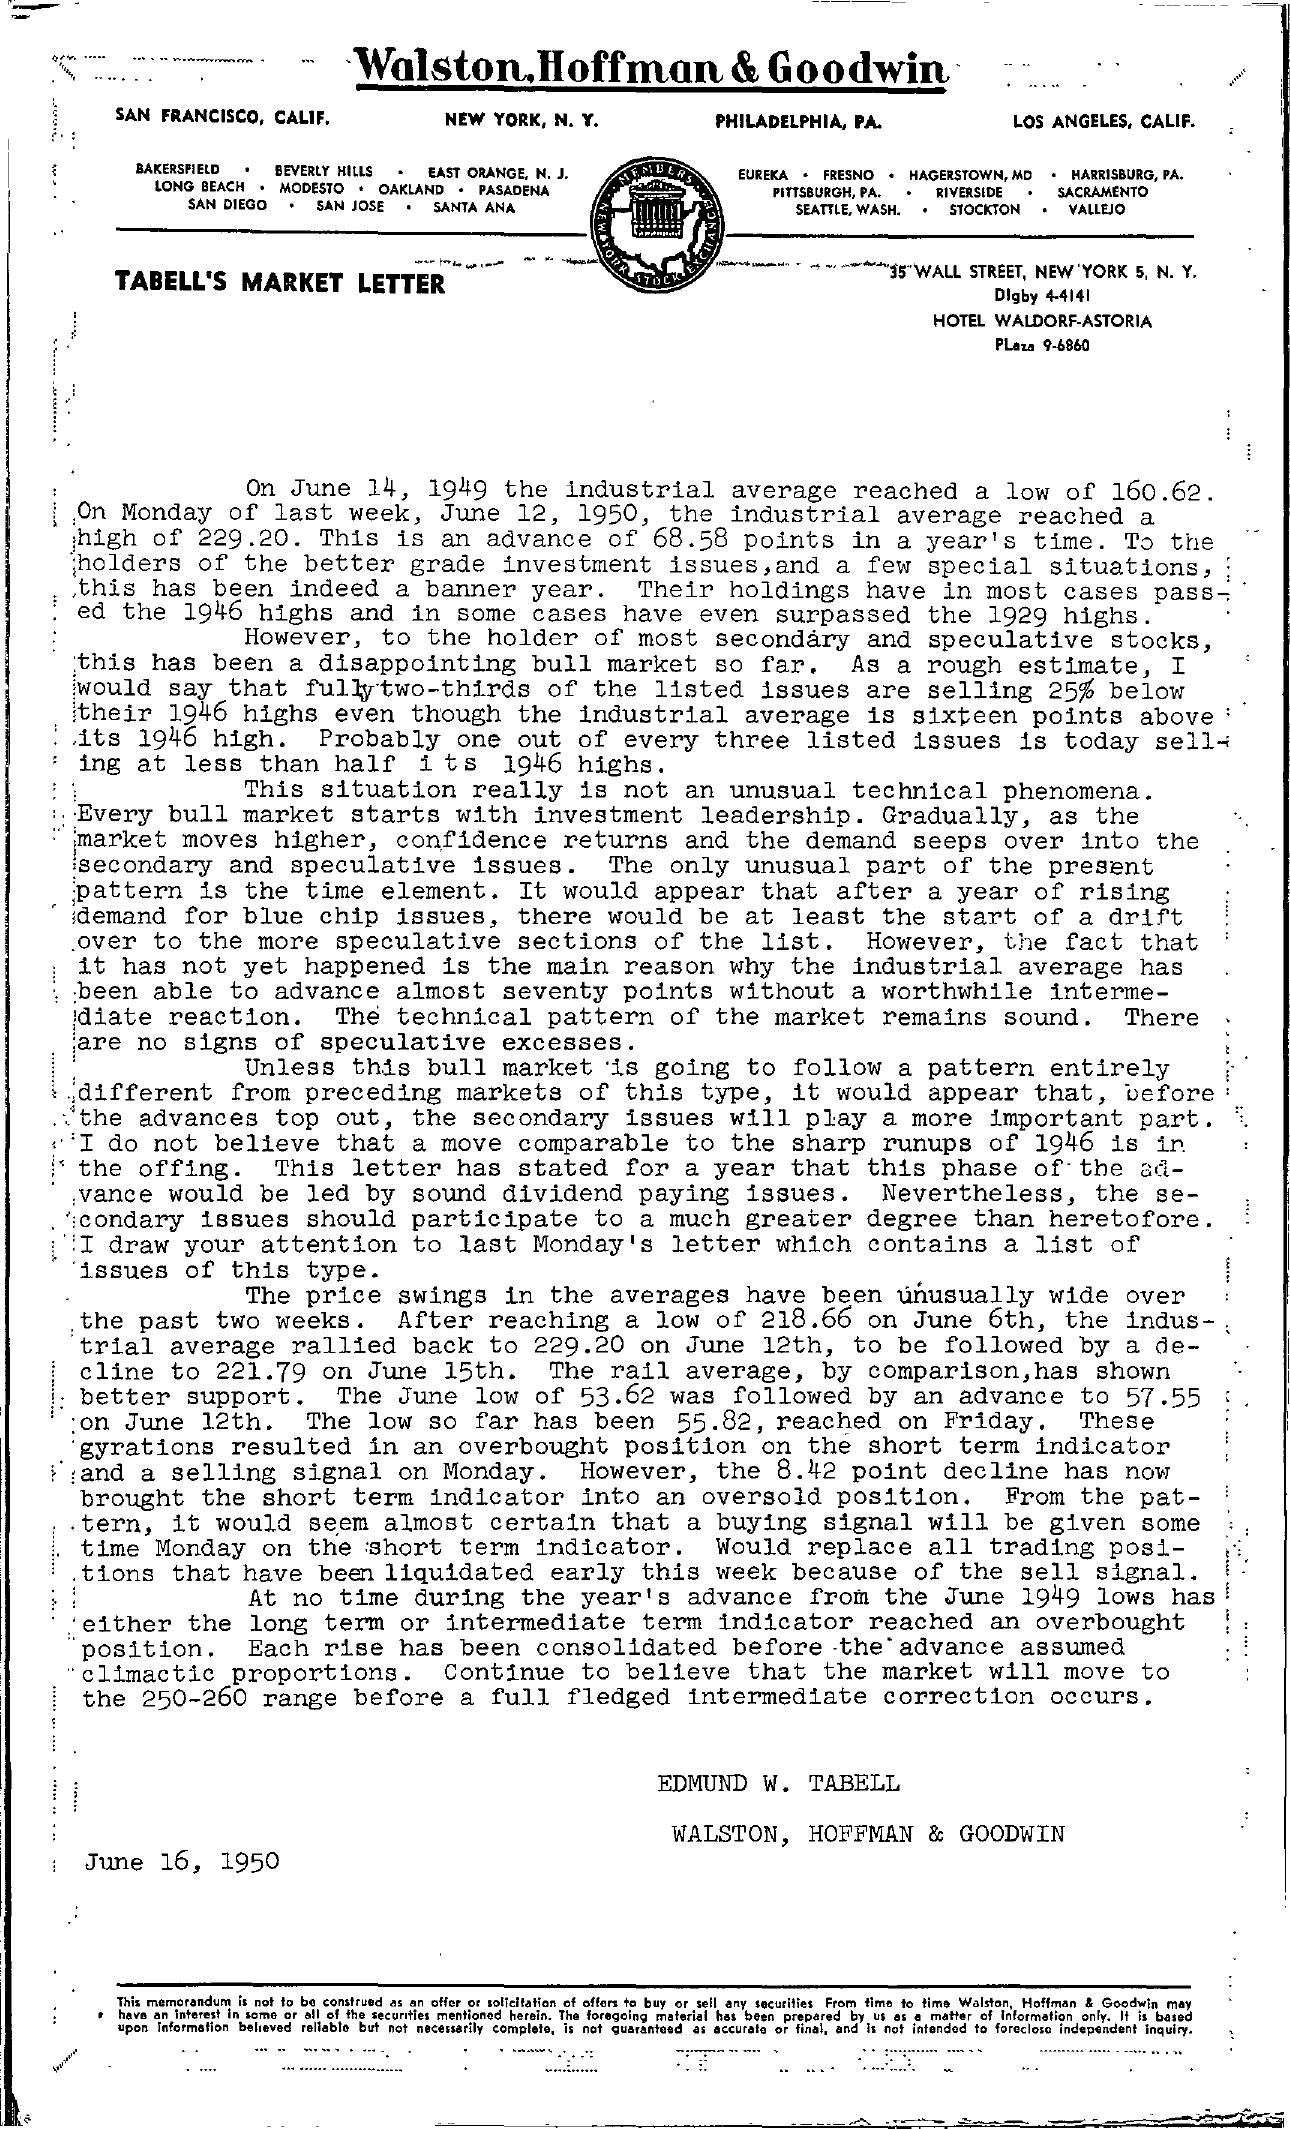 Tabell's Market Letter - June 16, 1950